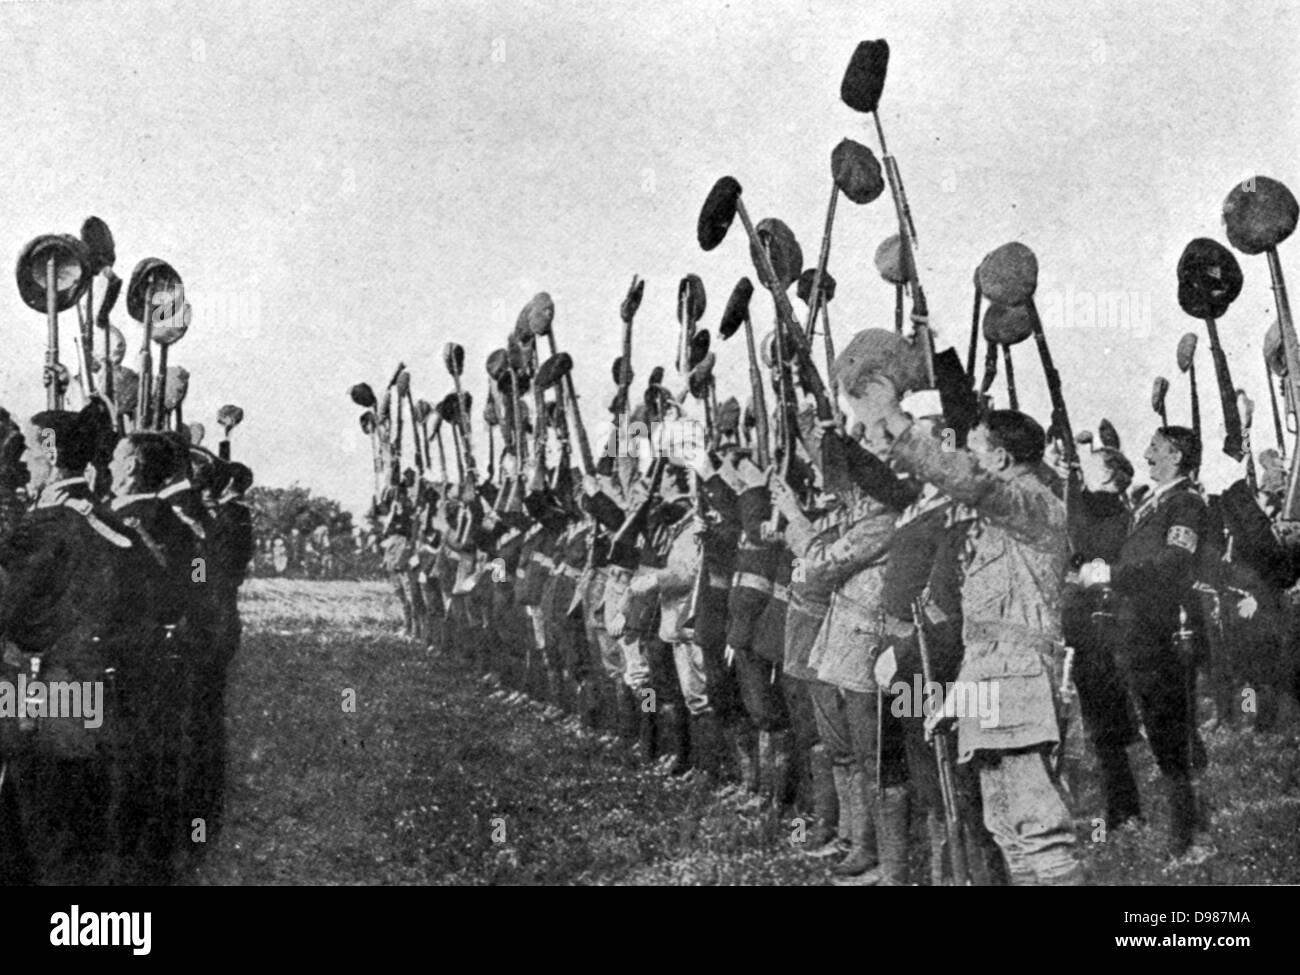 Ulster volontari armati e forare preparatoy a respingere con forza Home regola. Immagini Stock